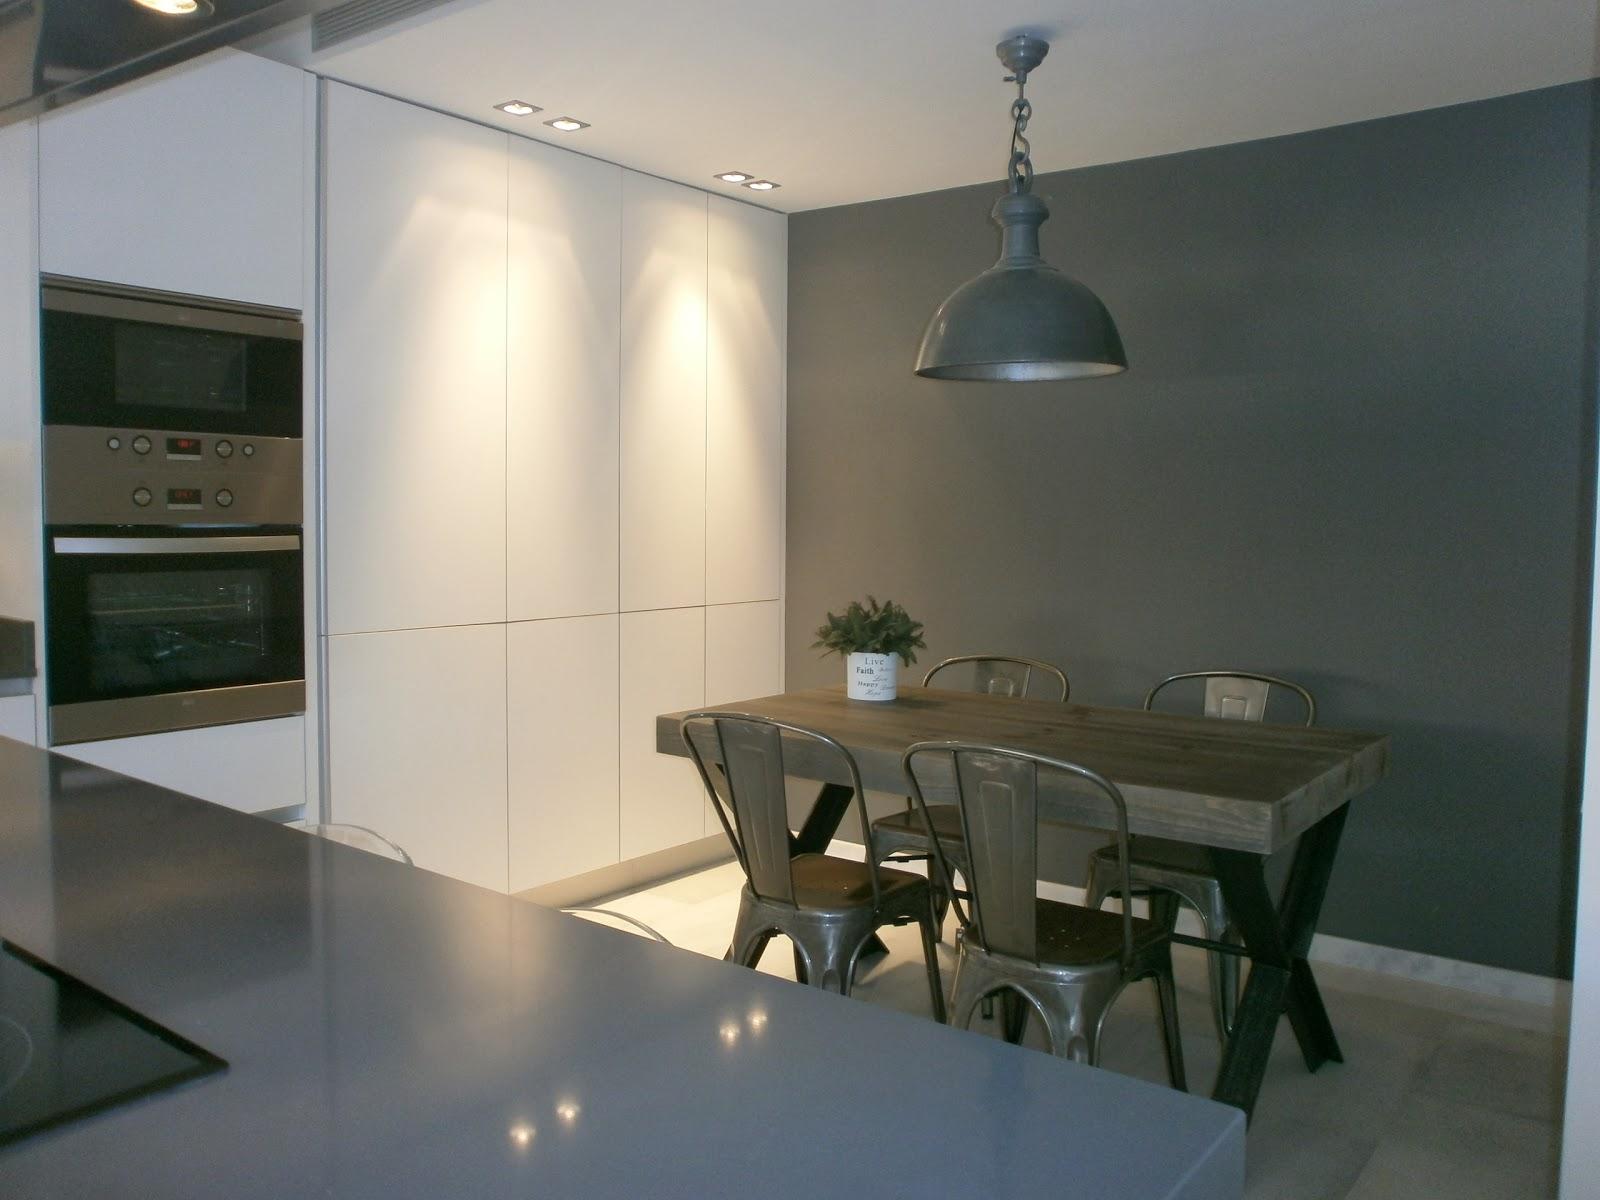 Encantadora cocina blanca independiente con isla y office for Cocina blanca y gris